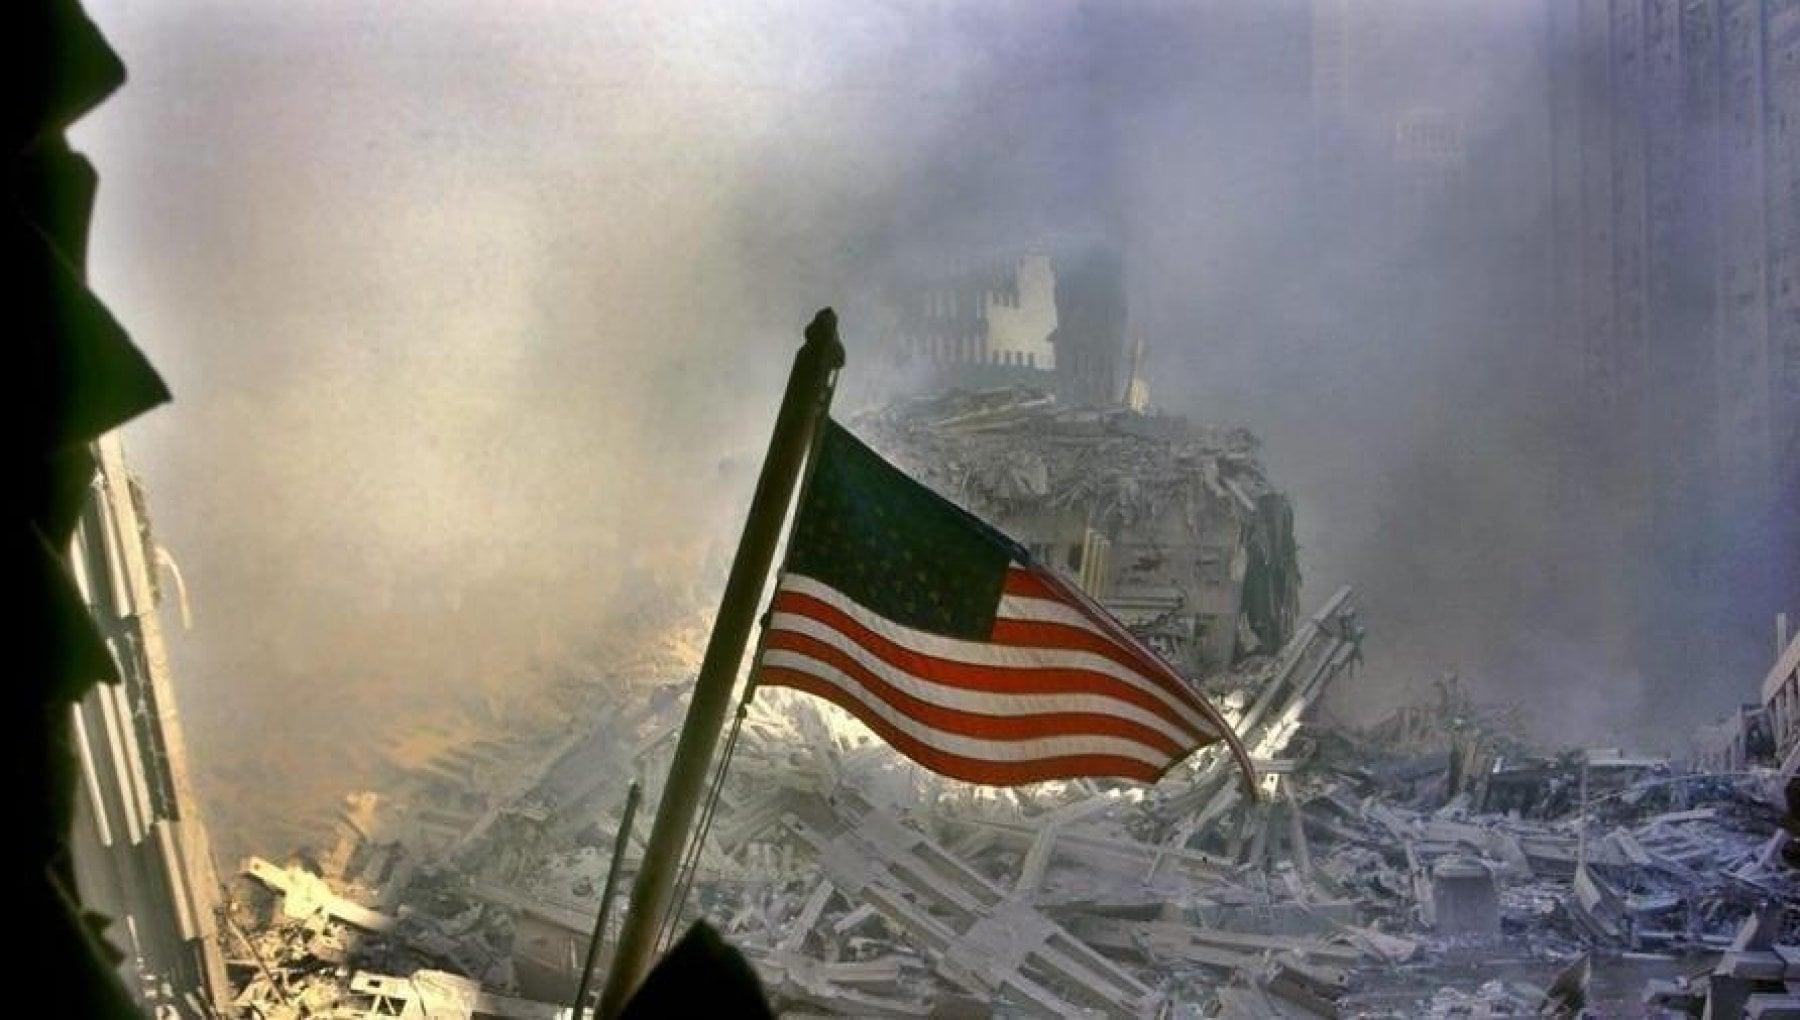 034521843 6b655417 251a 4627 af0e c7a79c6e3eb8 - Usa: allerta terrorismo in vista dell'11 settembre